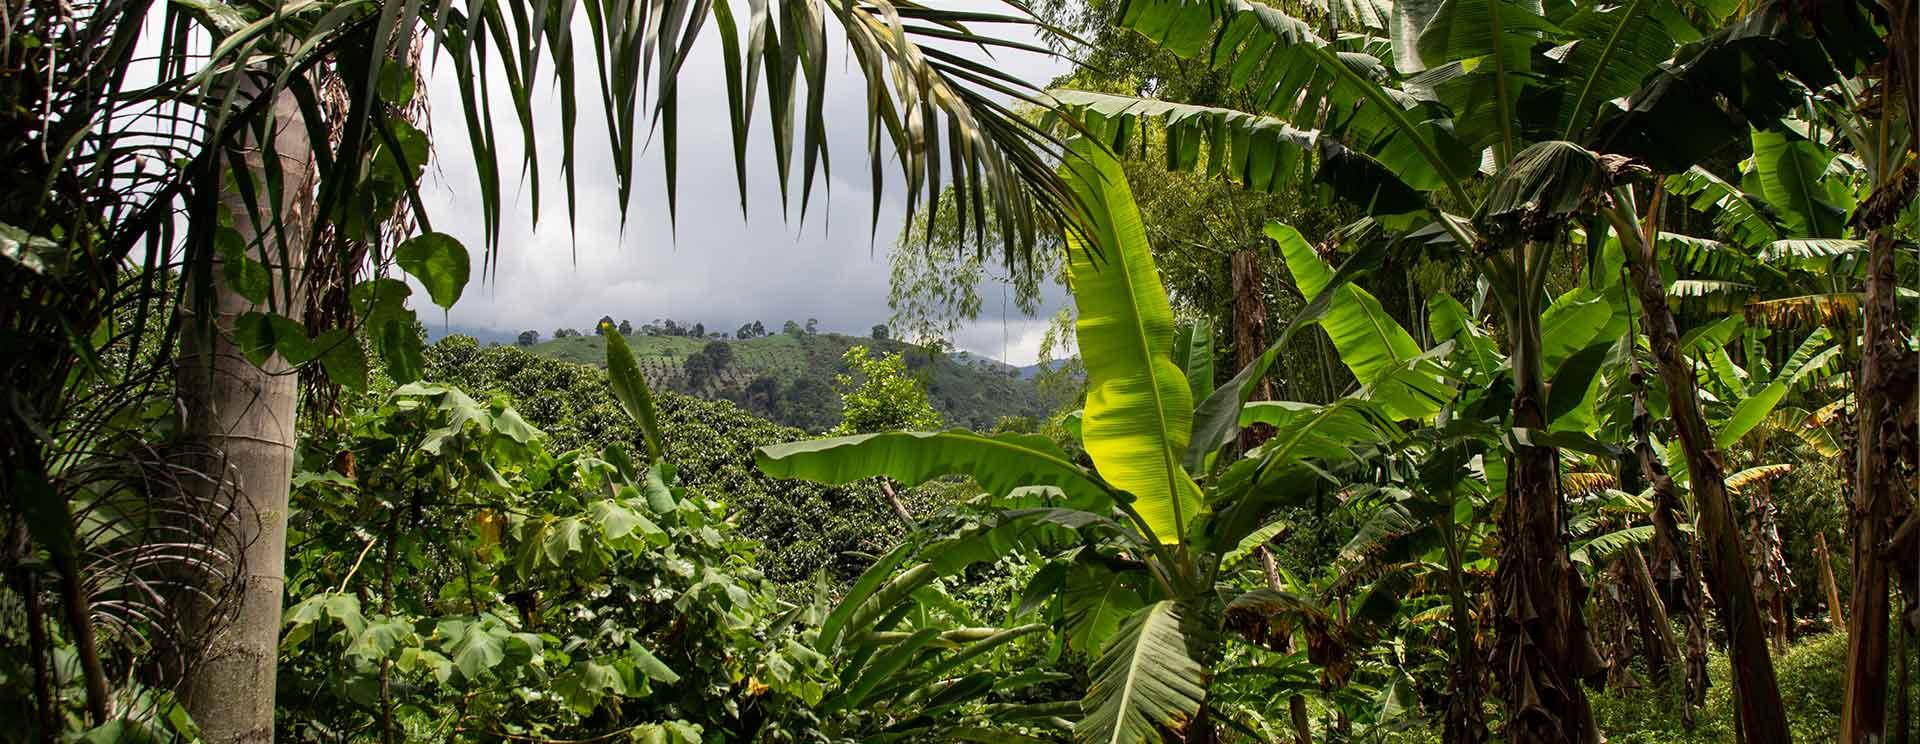 Umweltschutz und Natur bei CafCaf